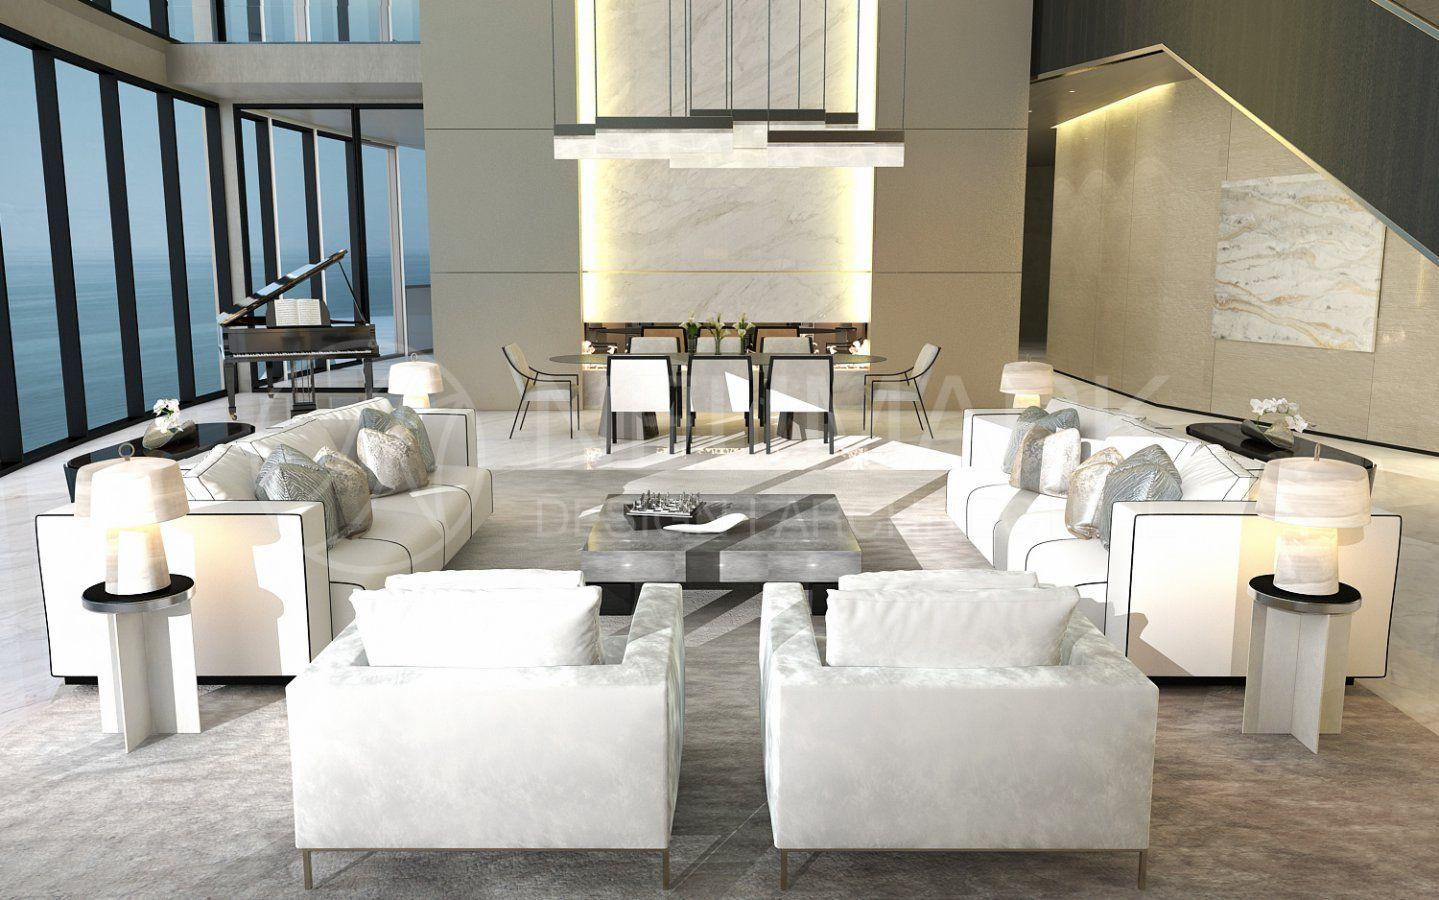 Porsche tower duplex also concepts dining rooms in pinterest rh